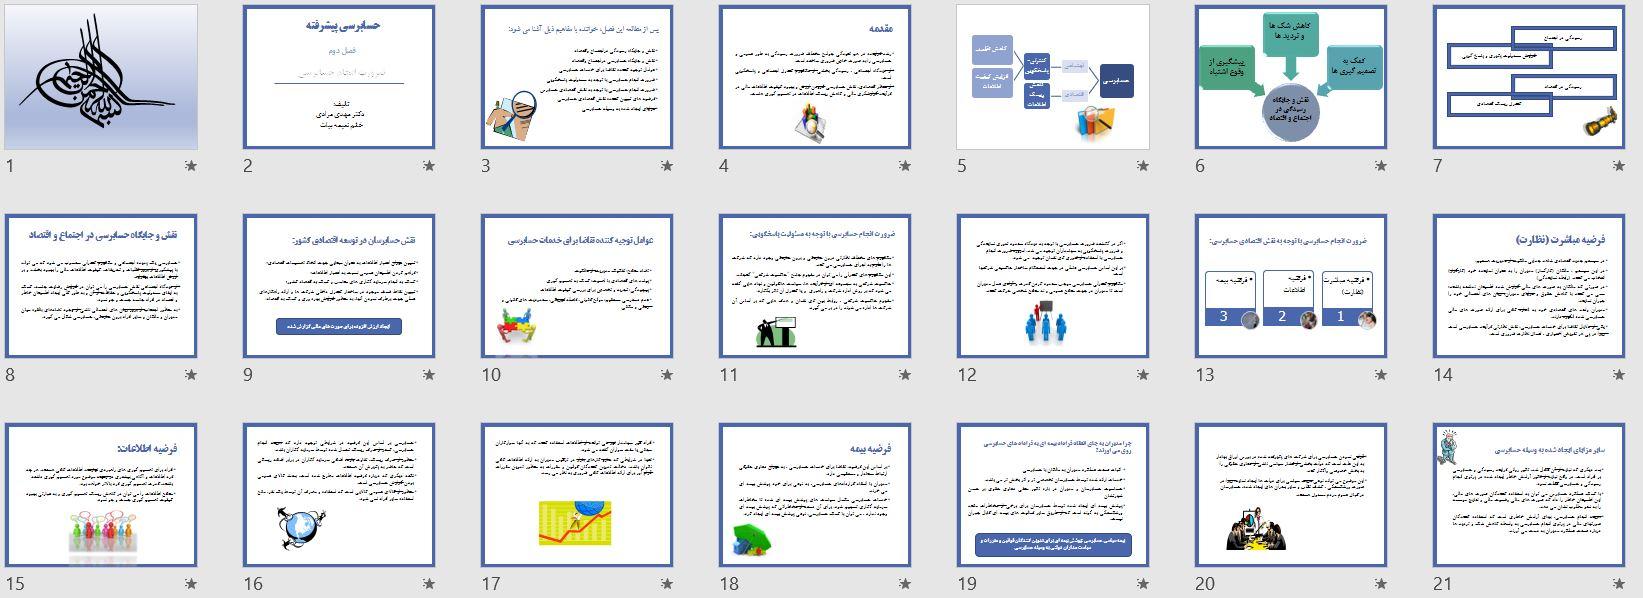 تصویر صفحات پاورپوینت ضرورت انجام حسابرسی